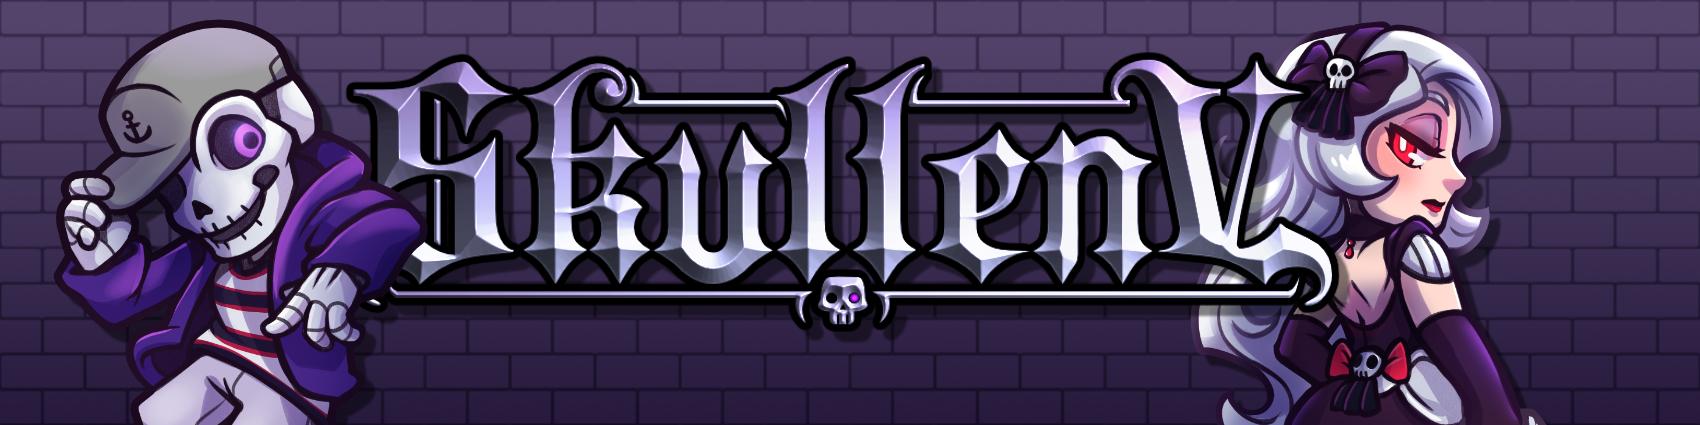 Skulle_SocialMedia_Banners_Twitch.jpg